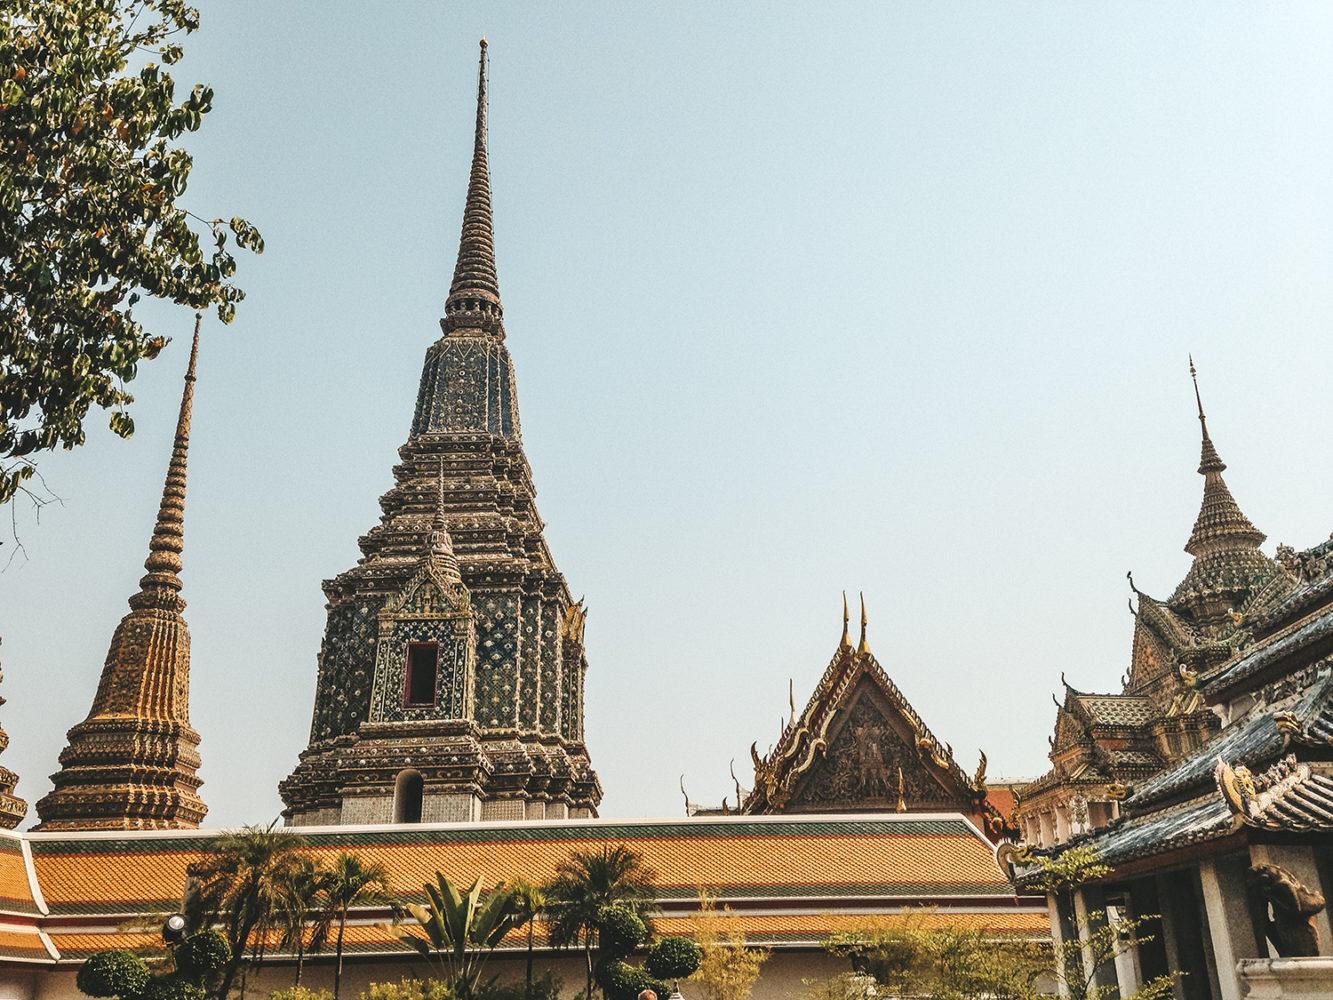 Vue d'ensemble du Wat Pho